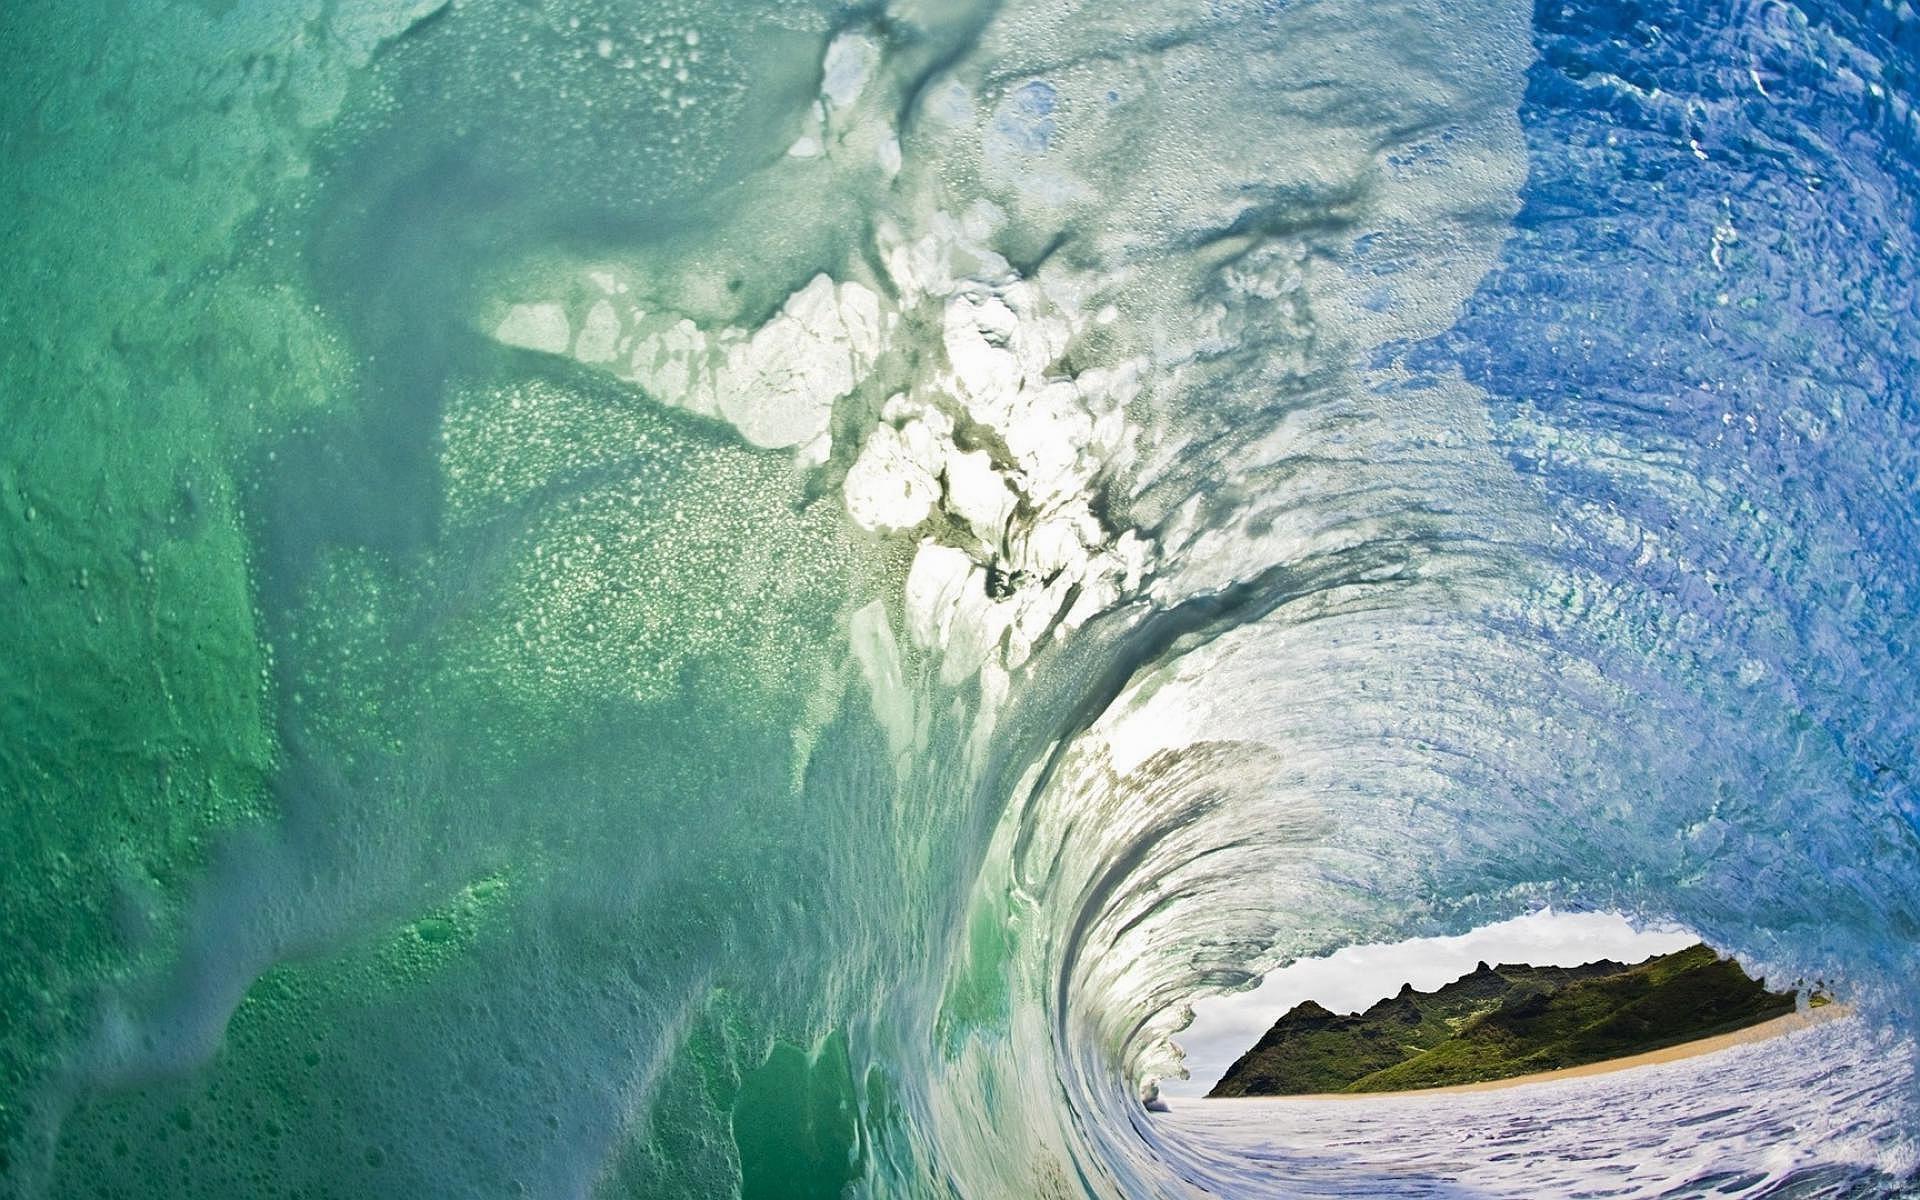 Pictures-Ocean-Wave-Wallpaper-HD